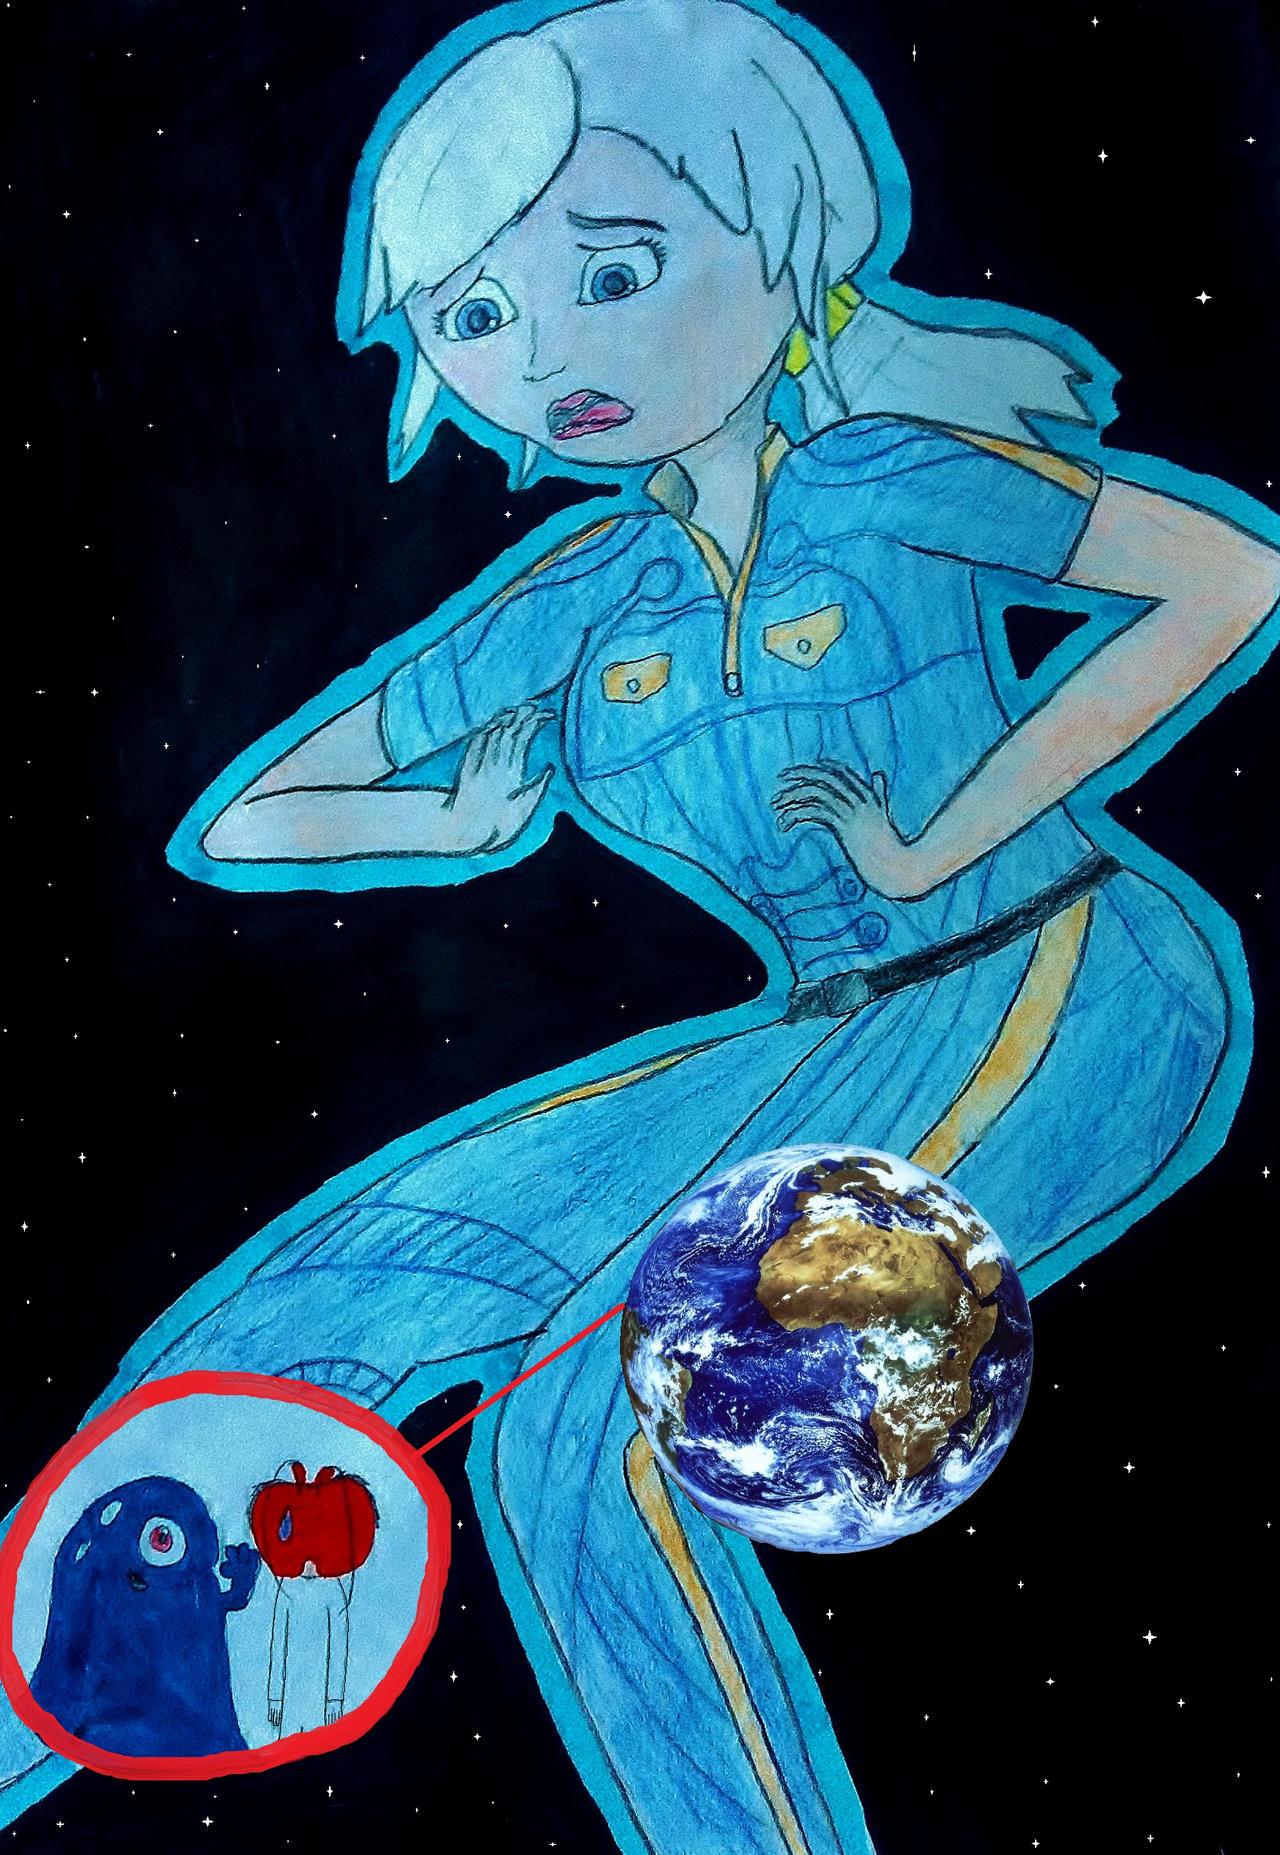 Monsters vs. Aliens on Dreamworks-Artists - DeviantArt